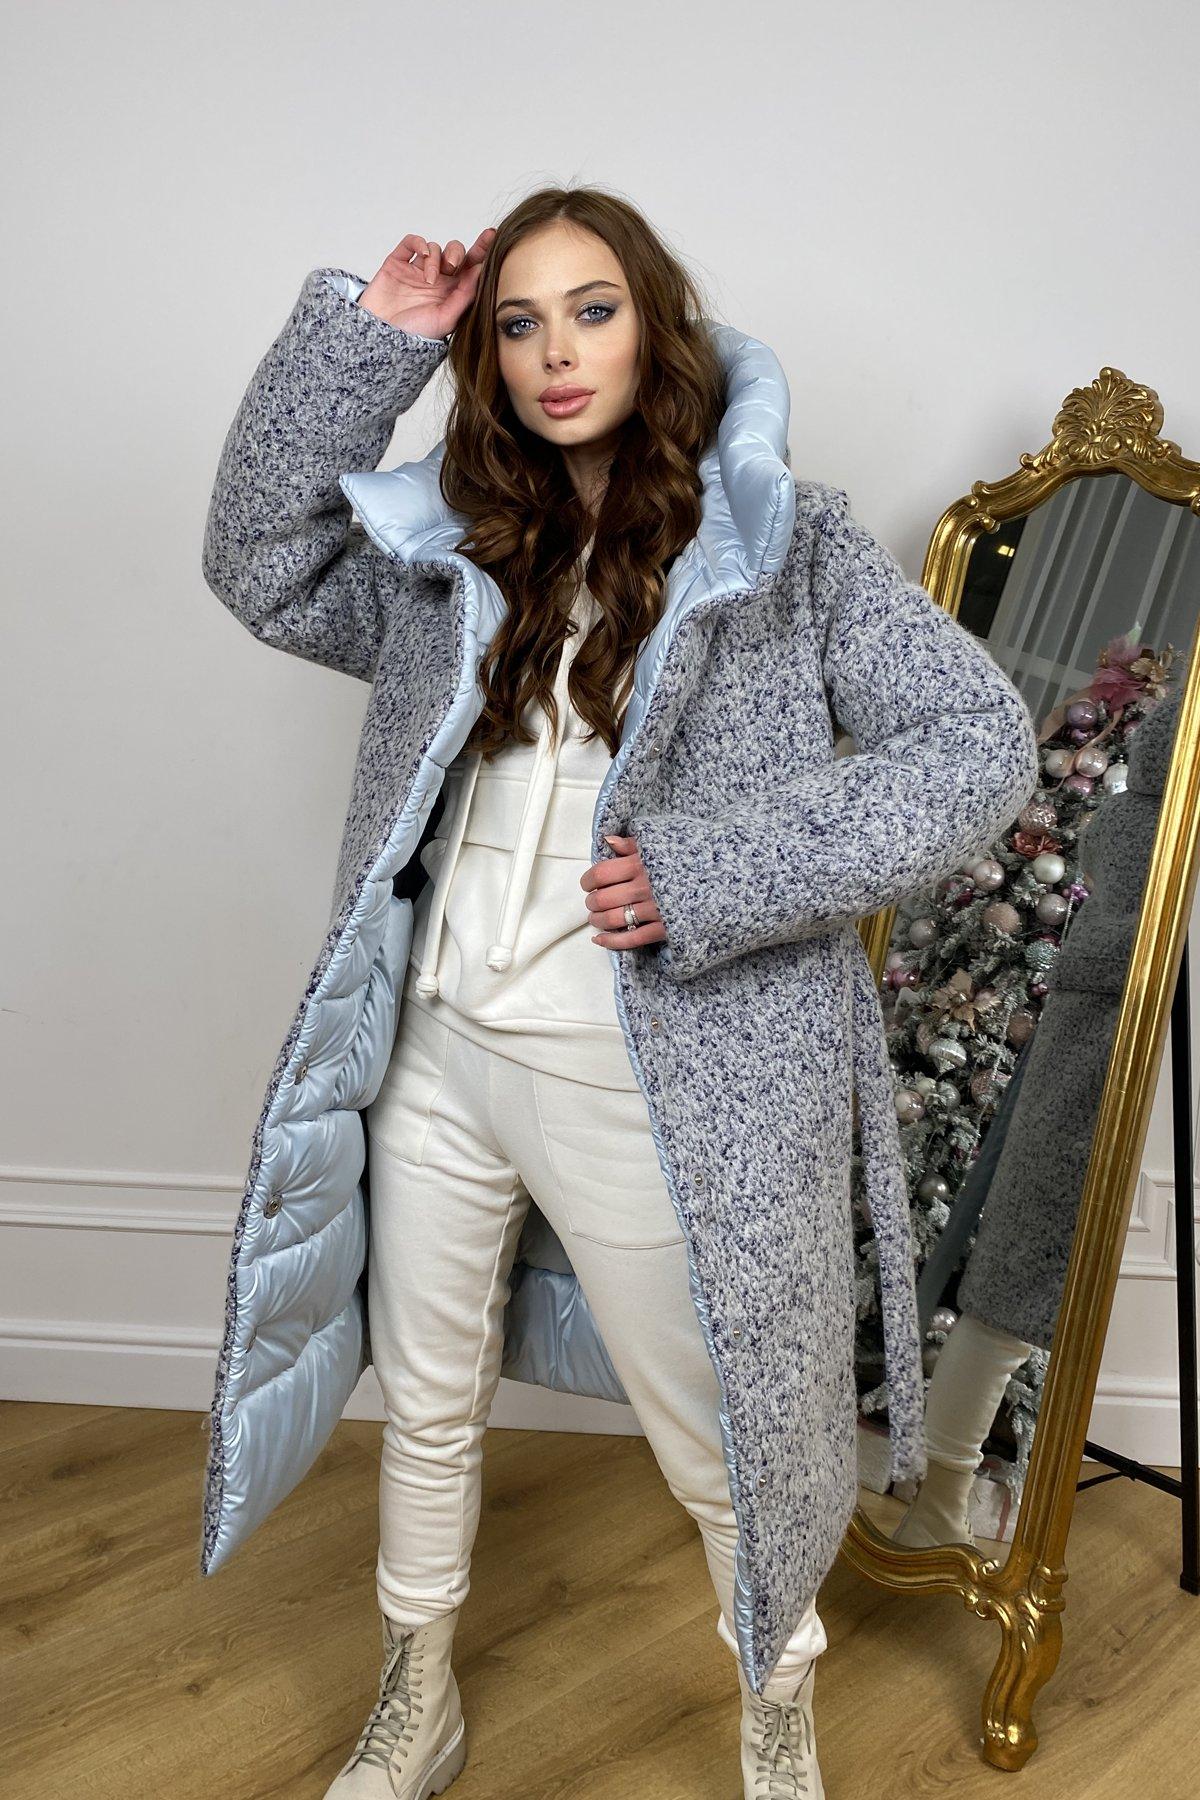 Бристоль плащевка стеганое пальто зима 10099 АРТ. 46407 Цвет: голубой/серый/голубой - фото 10, интернет магазин tm-modus.ru